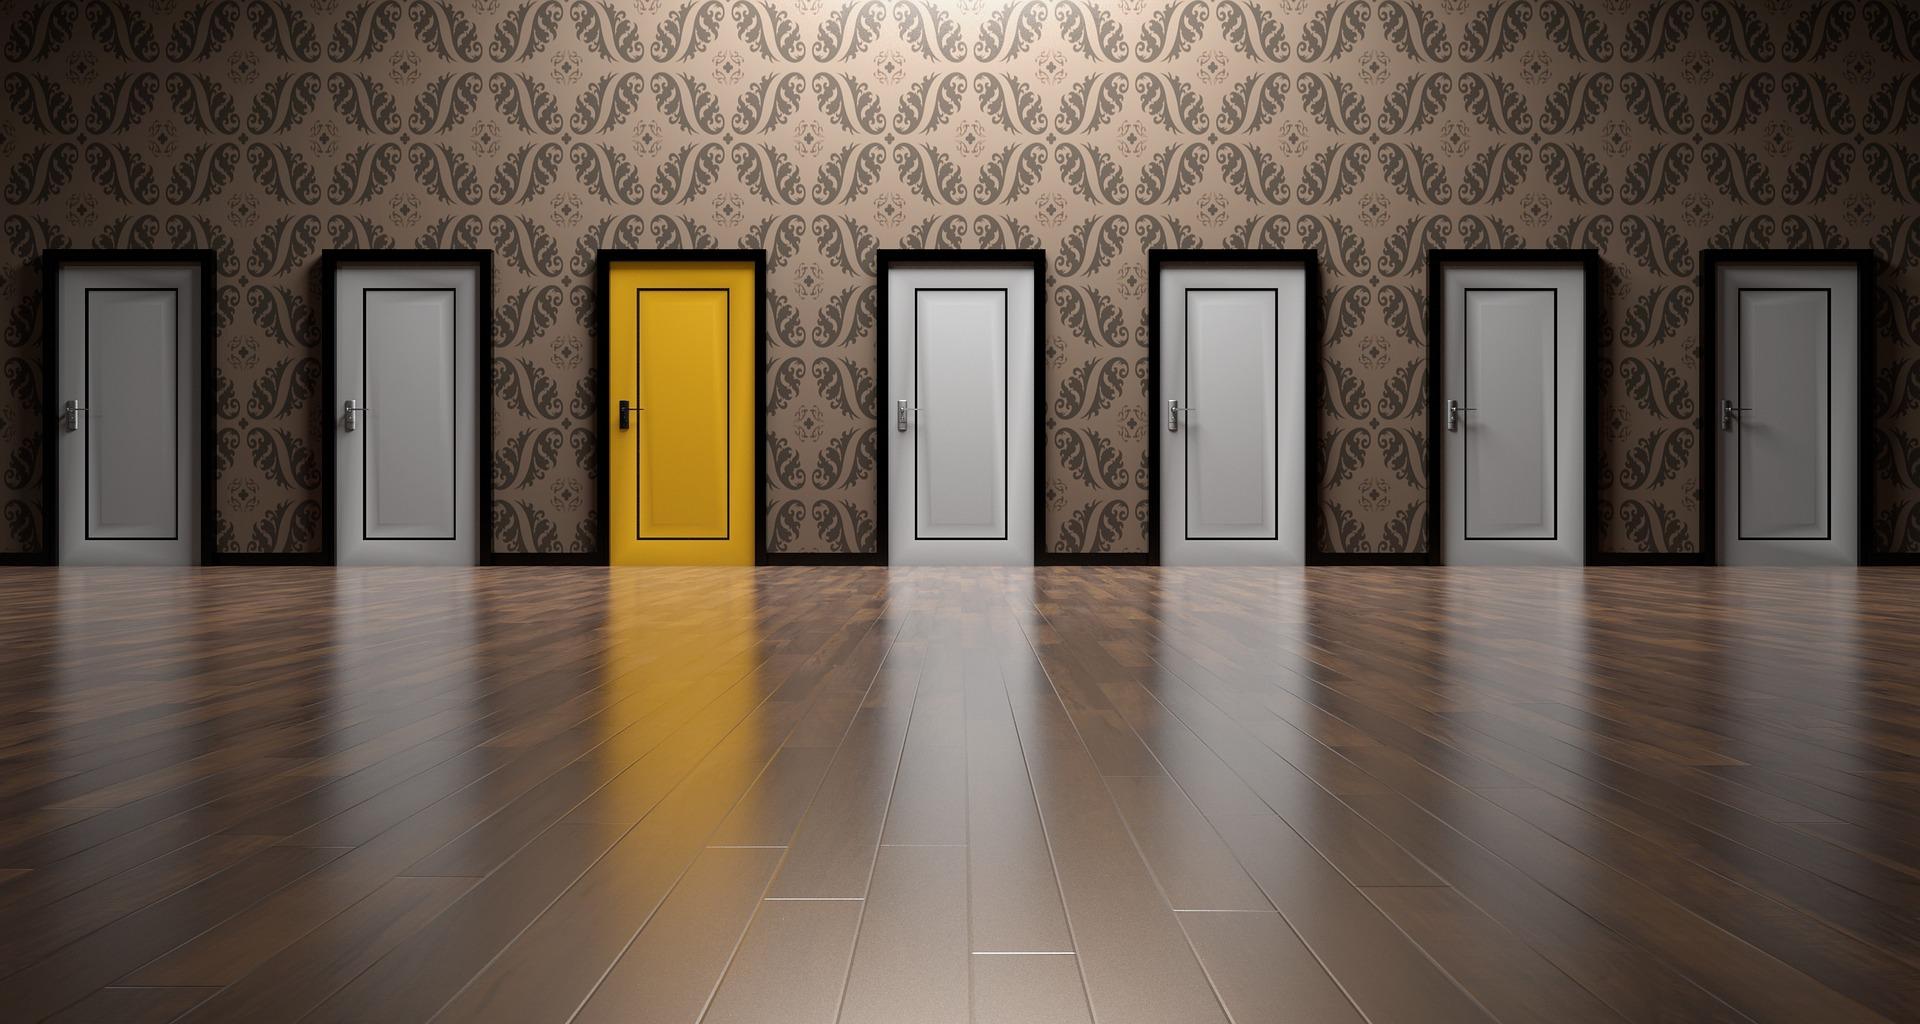 corridor of rooms yellow door health messages are confusing